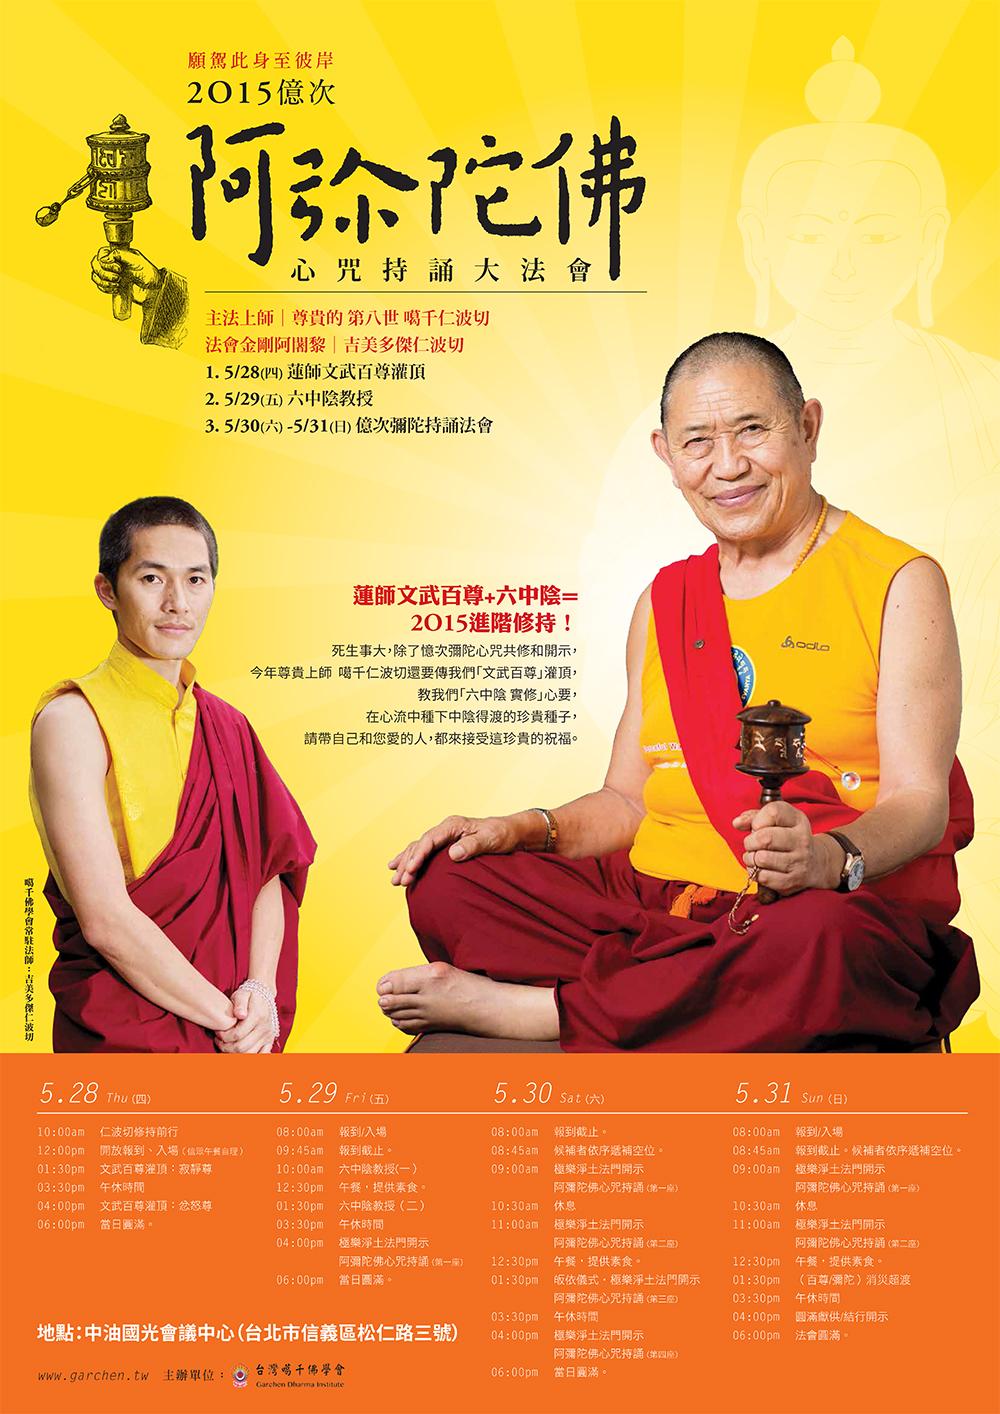 2015年阿彌陀佛心咒億遍持誦法會